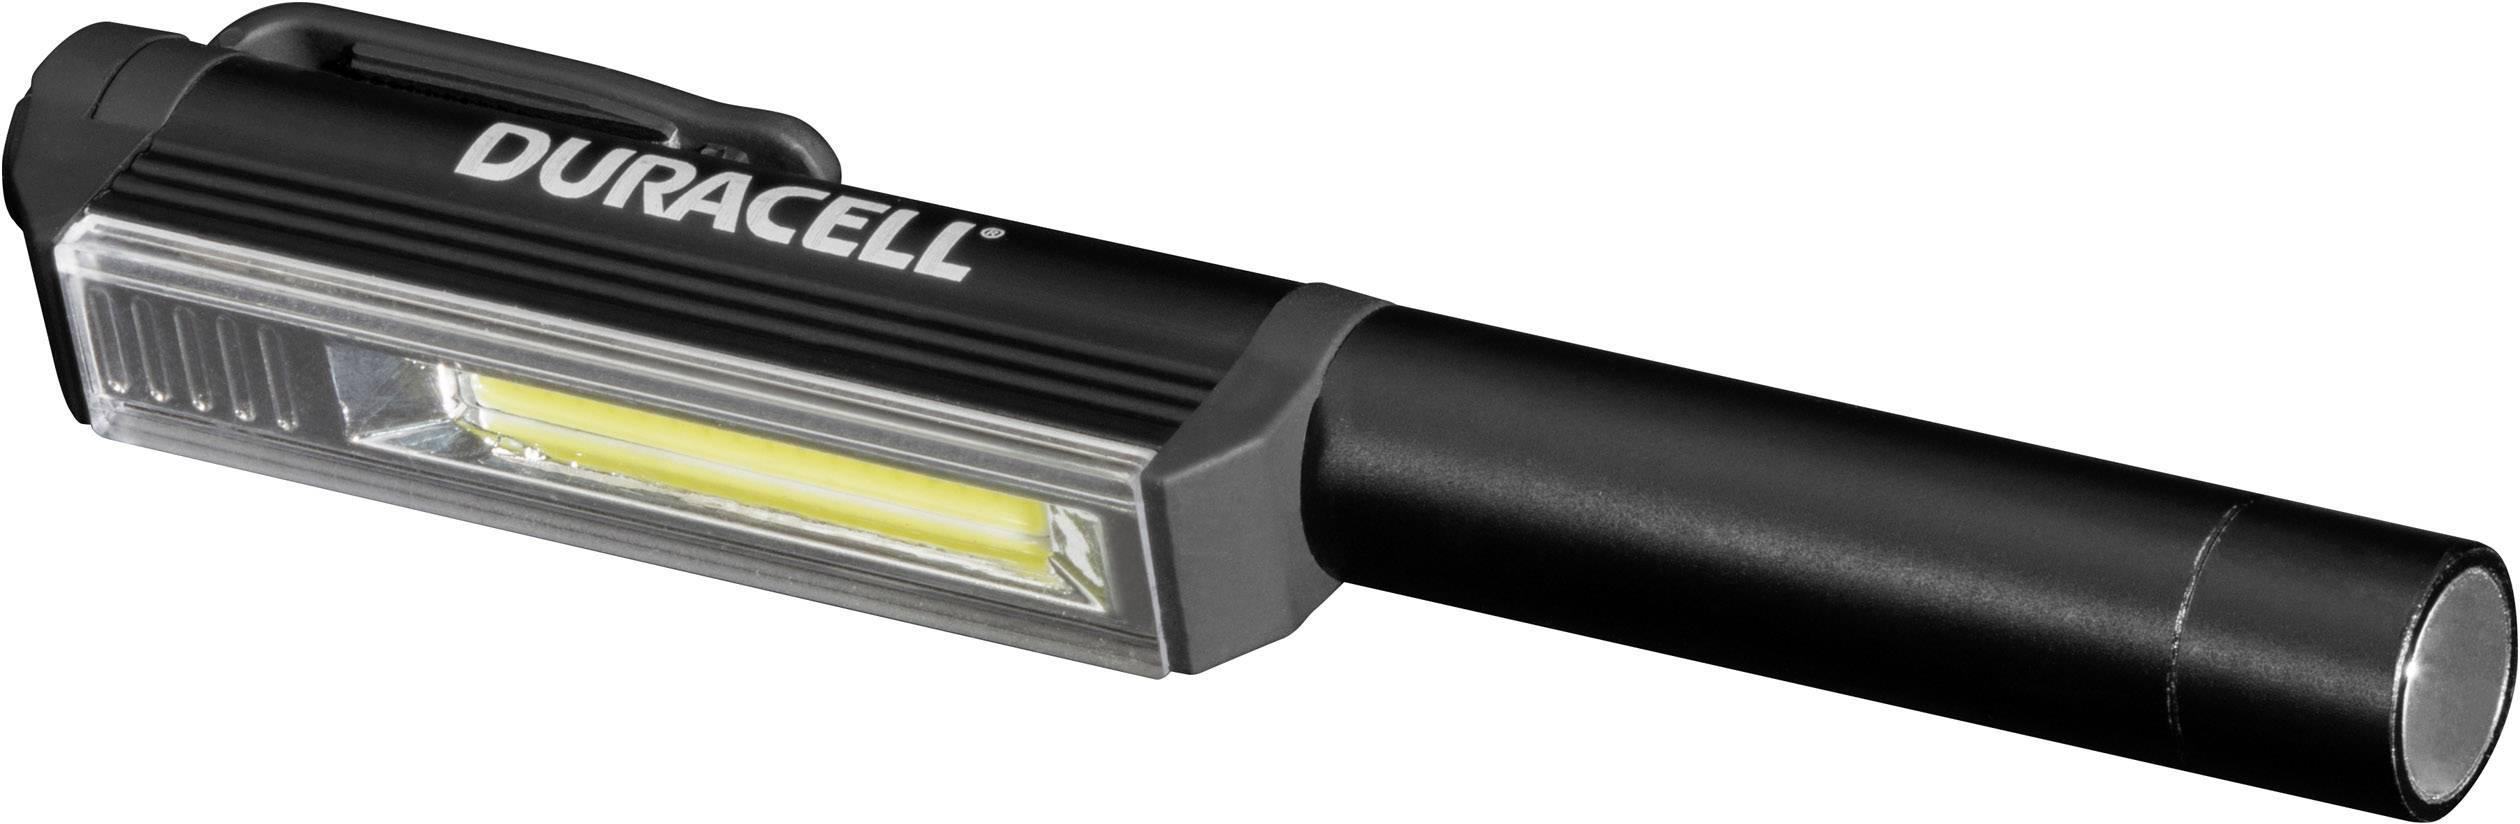 Duracell Lampe Aluminium Noir 63lm 18m 14 Torche Portée Led l1FTKcJ